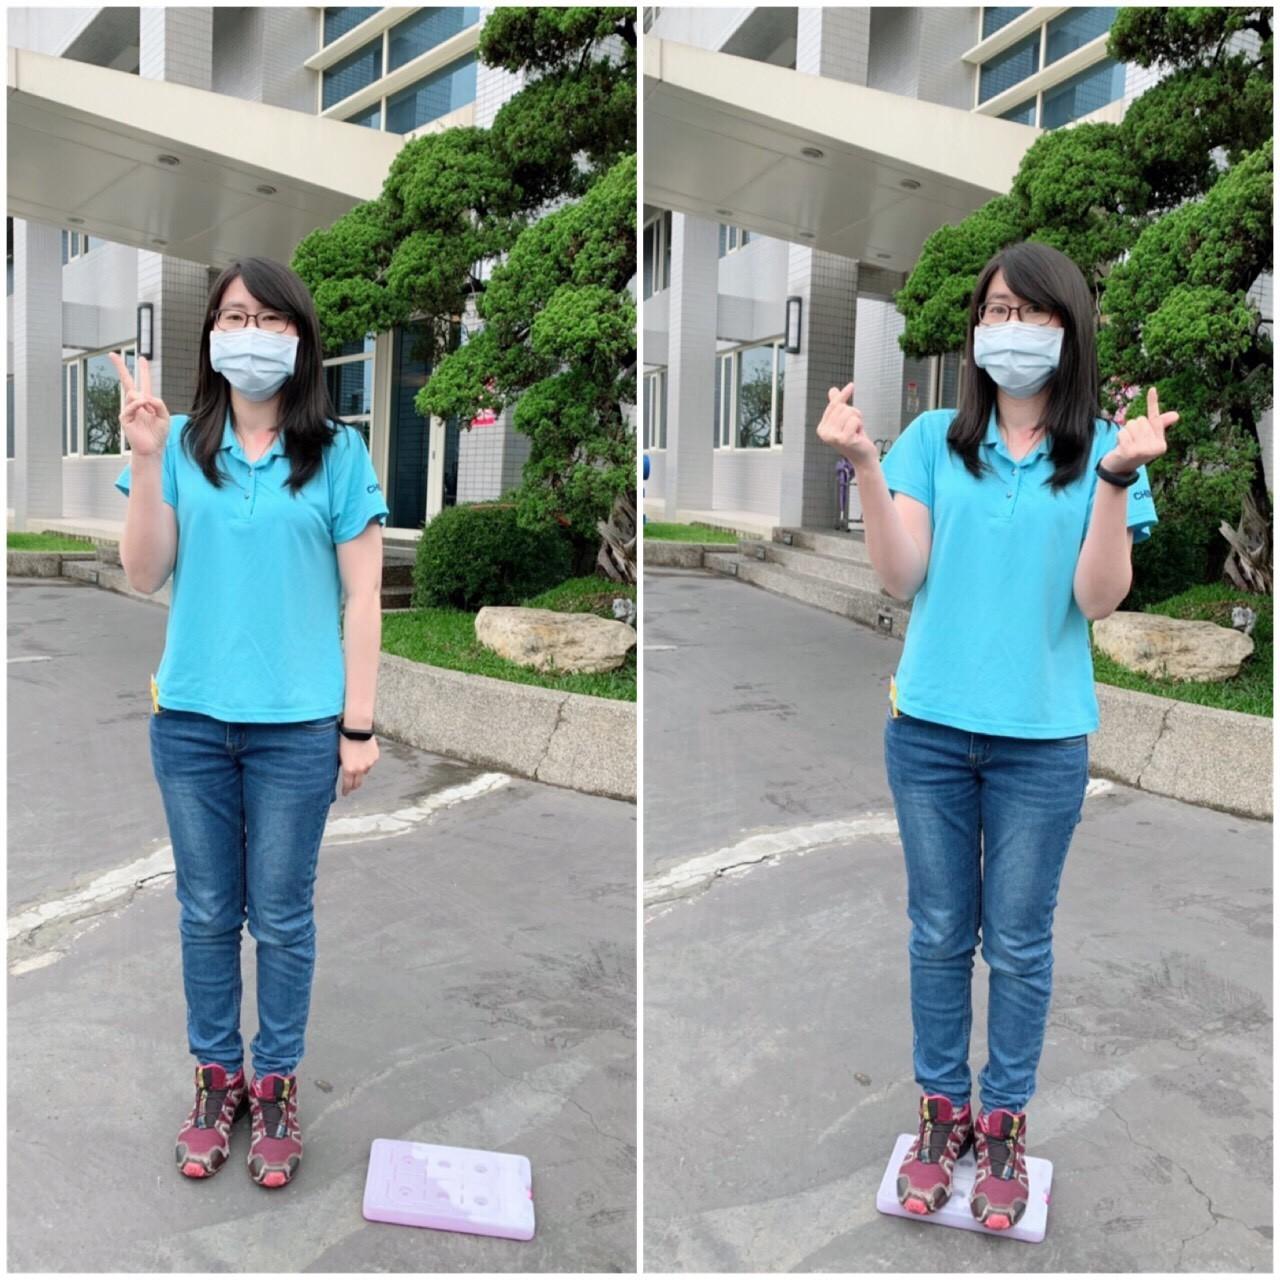 硬殼保冷劑壓力測試-成年女性